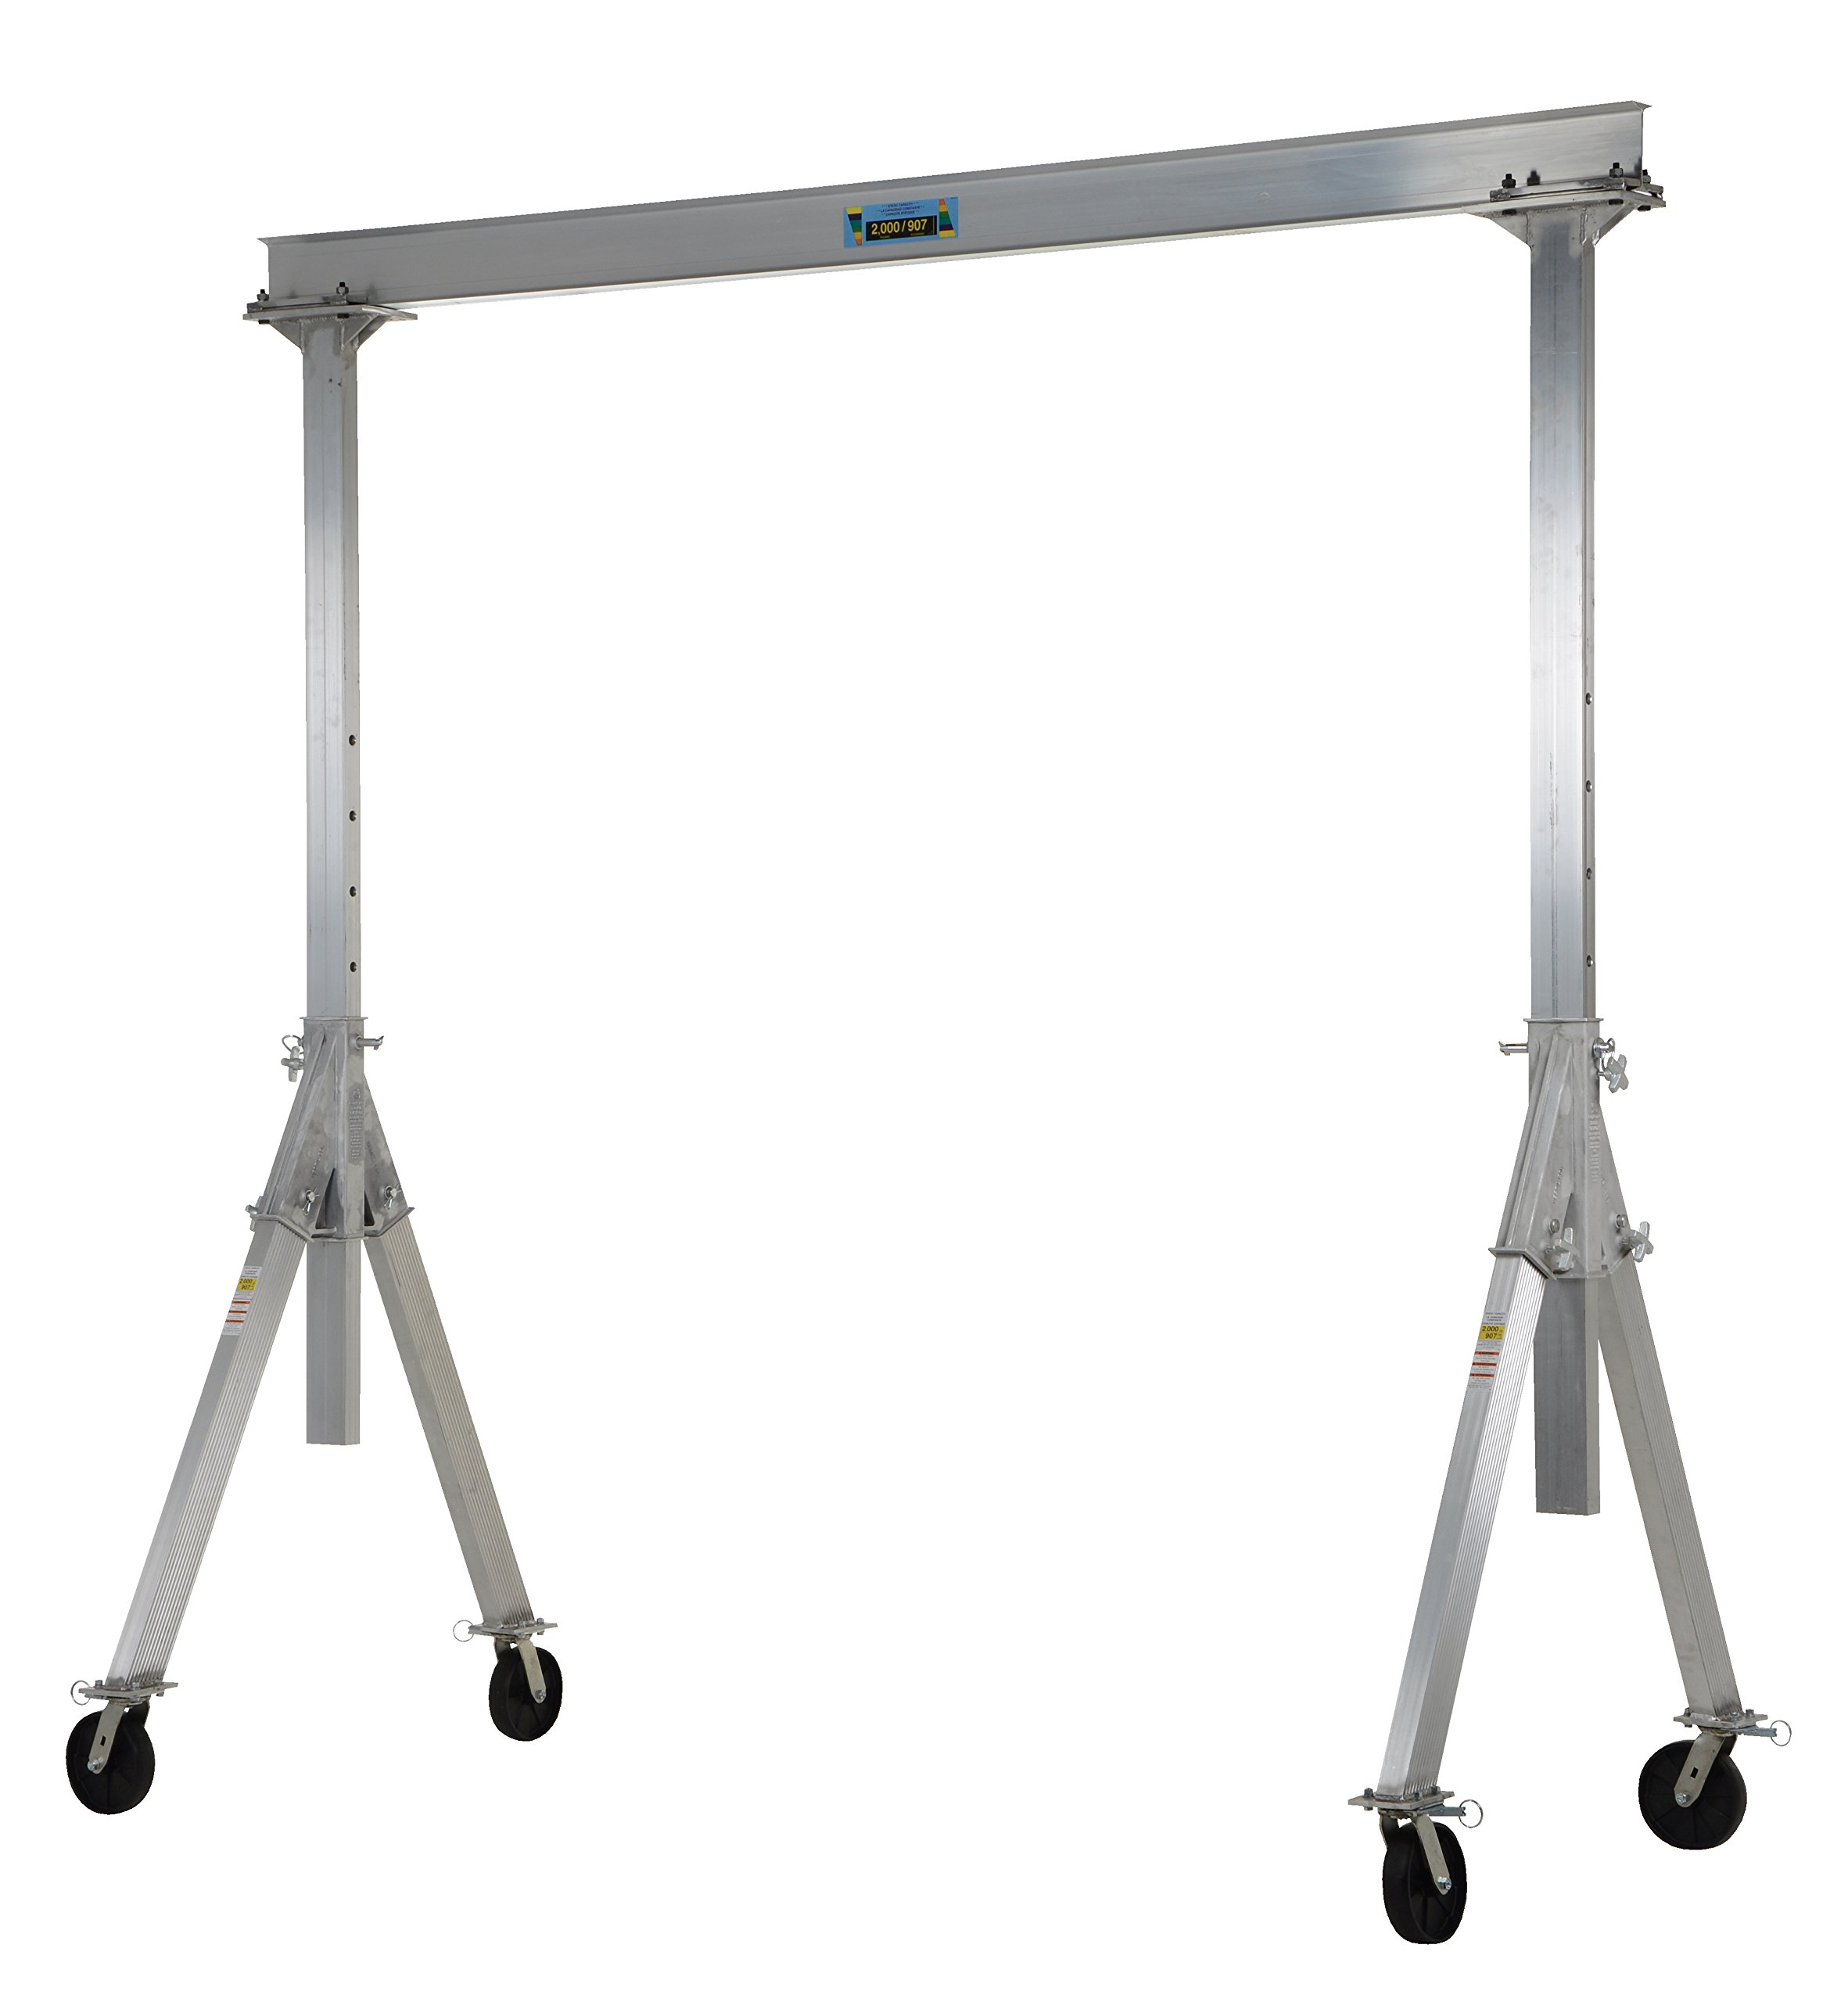 Vestil AHA-4-12-12 Aluminum Adjustable Gantry Crane, 4000 lb. Capacity, 12' Overall Beam, 96'' Usable Trolley Travel Distance, Under I-Beam Range 114''-144'', 152-1/8'' Height by Vestil